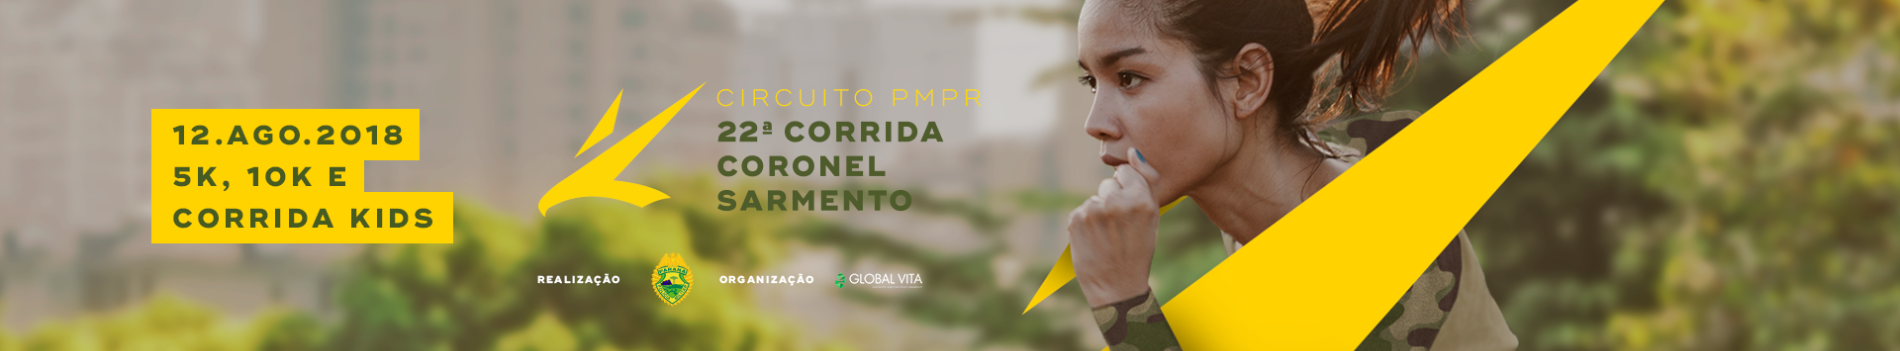 CIRCUITO PMPR 3ª ETAPA - 22ª CORRIDA DA POLÍCIA MILITAR DO PARANÁ - CORONEL SARMENTO